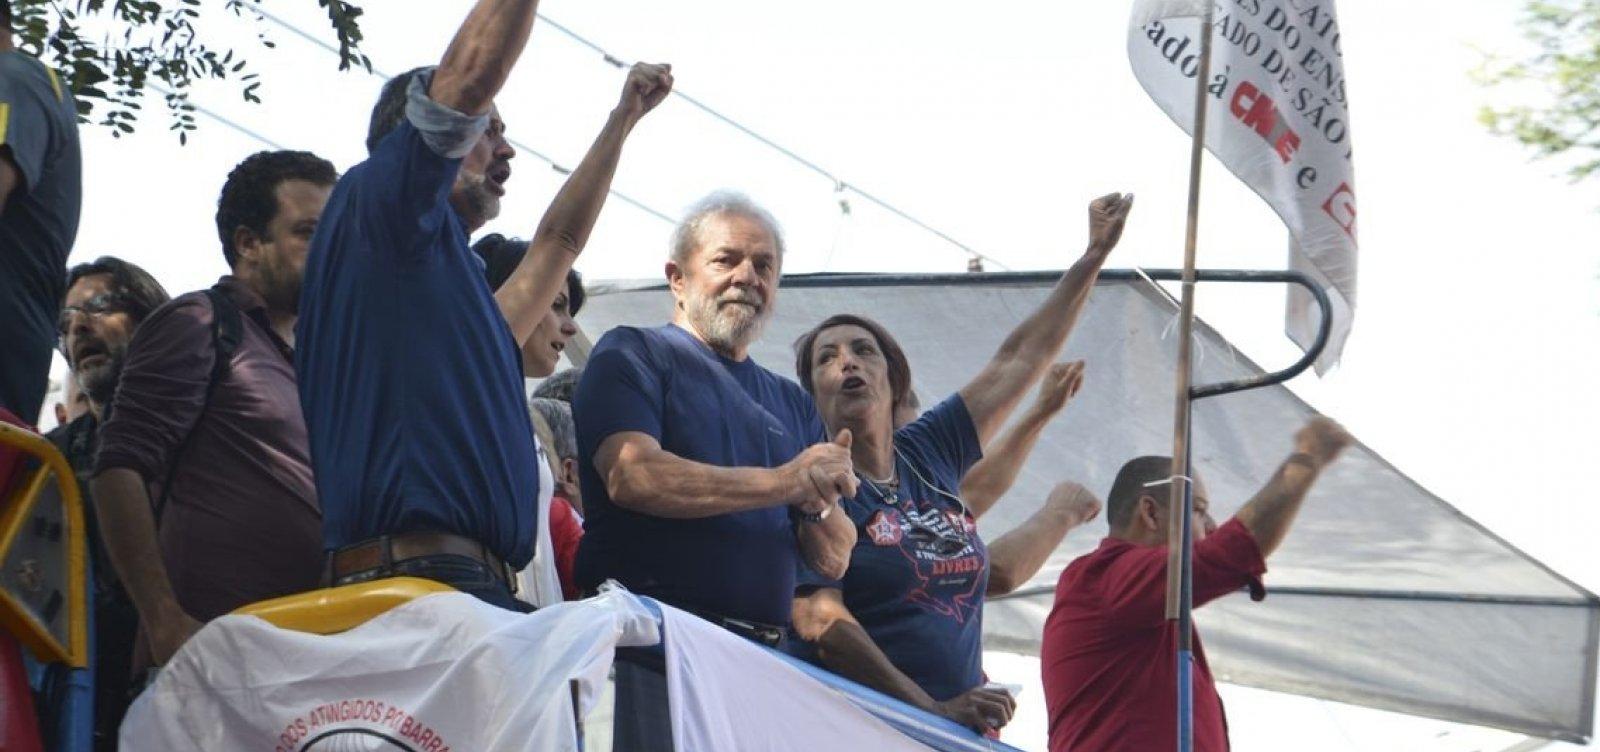 Juízes europeus enviam carta ao STF criticando prisão de Lula